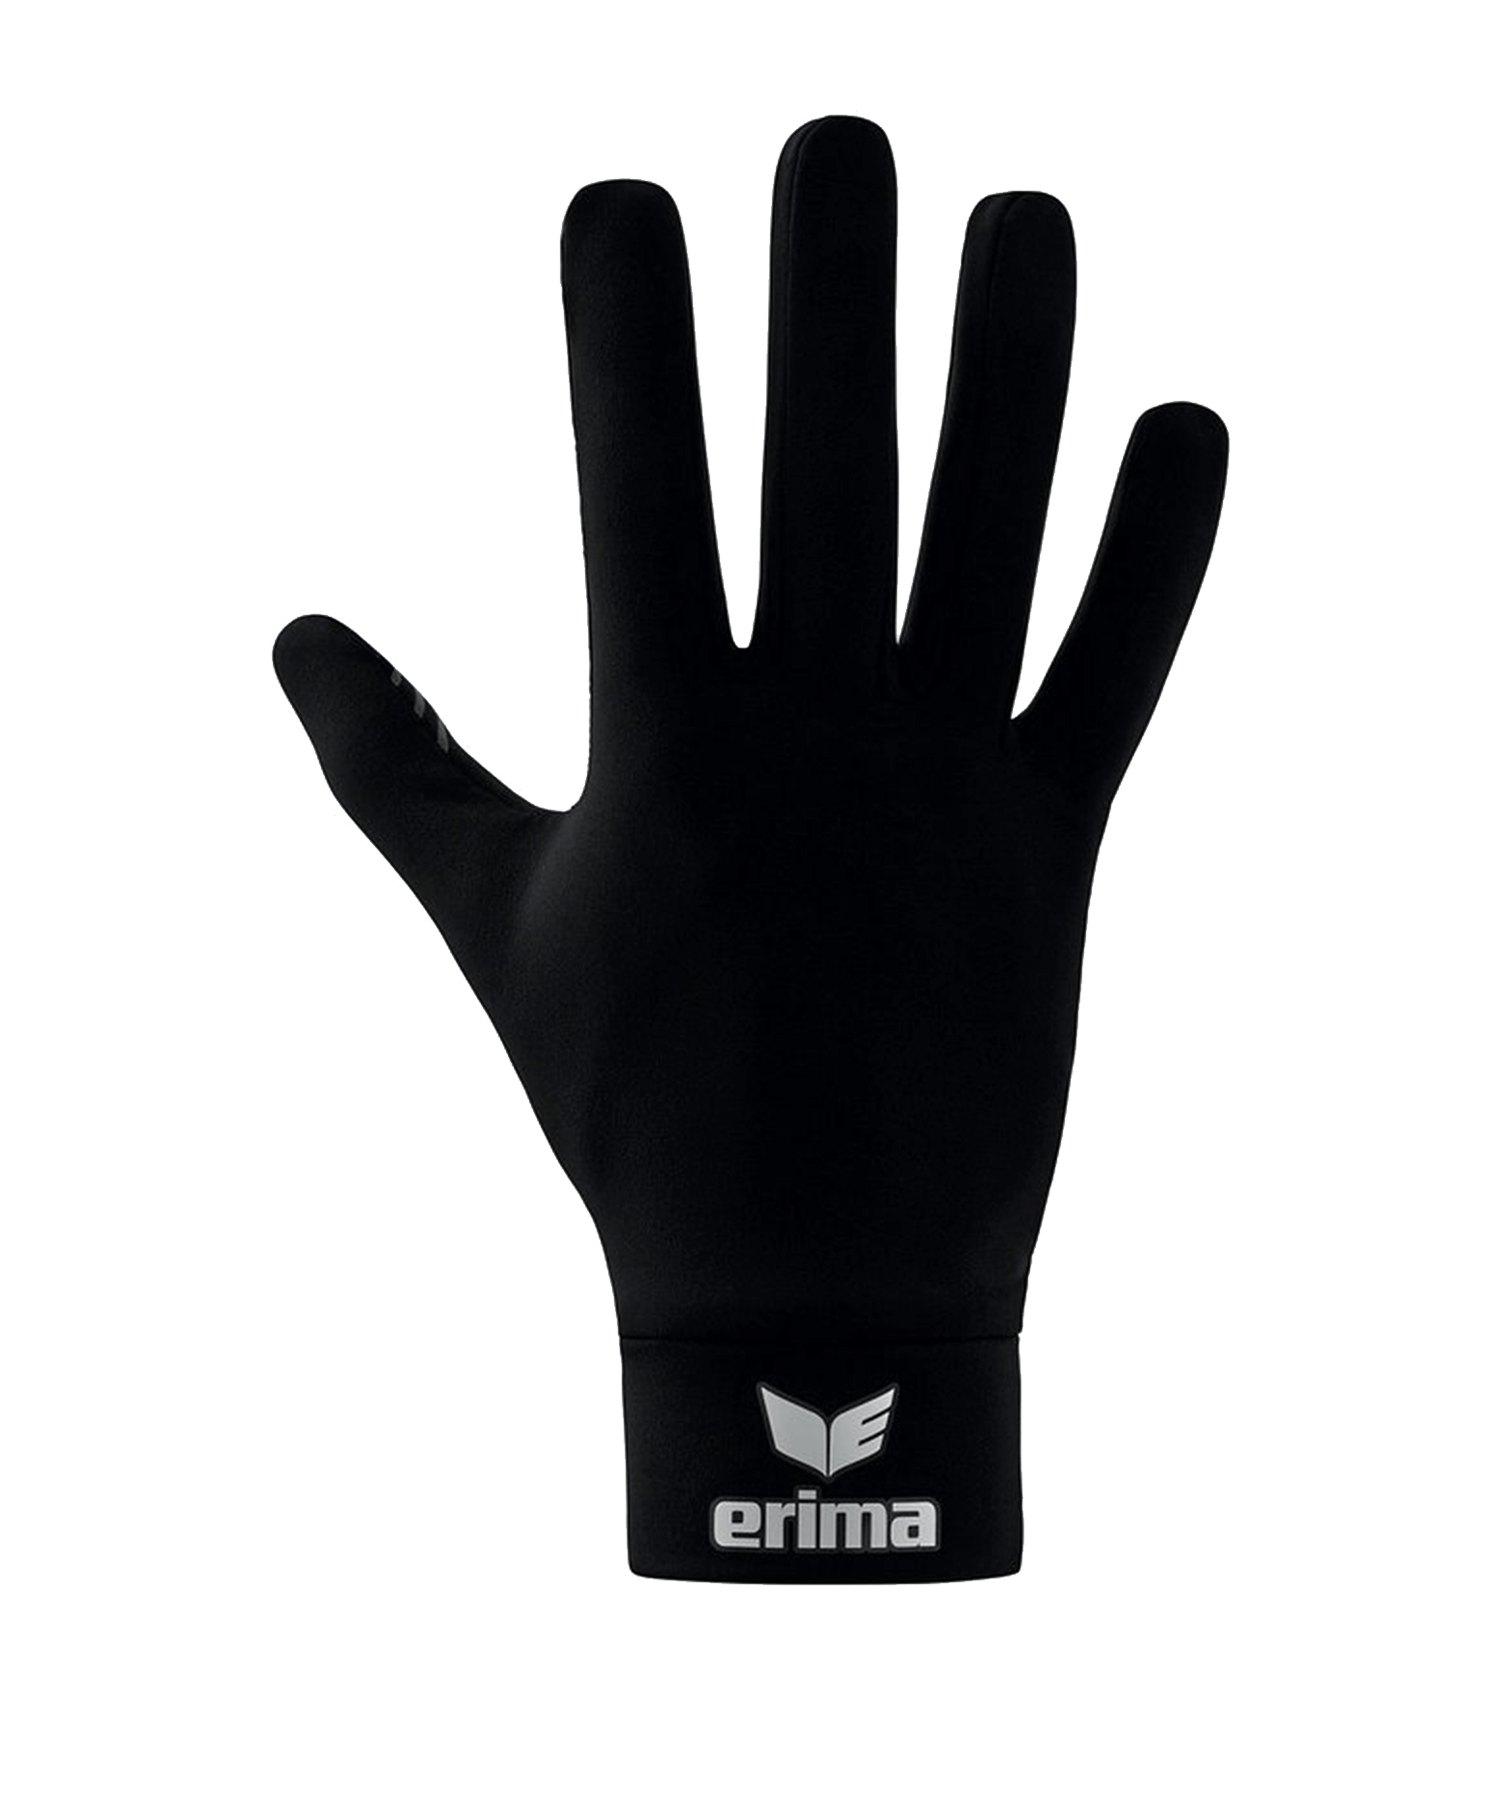 Erima Functional Feldspielerhandschuh Schwarz - schwarz